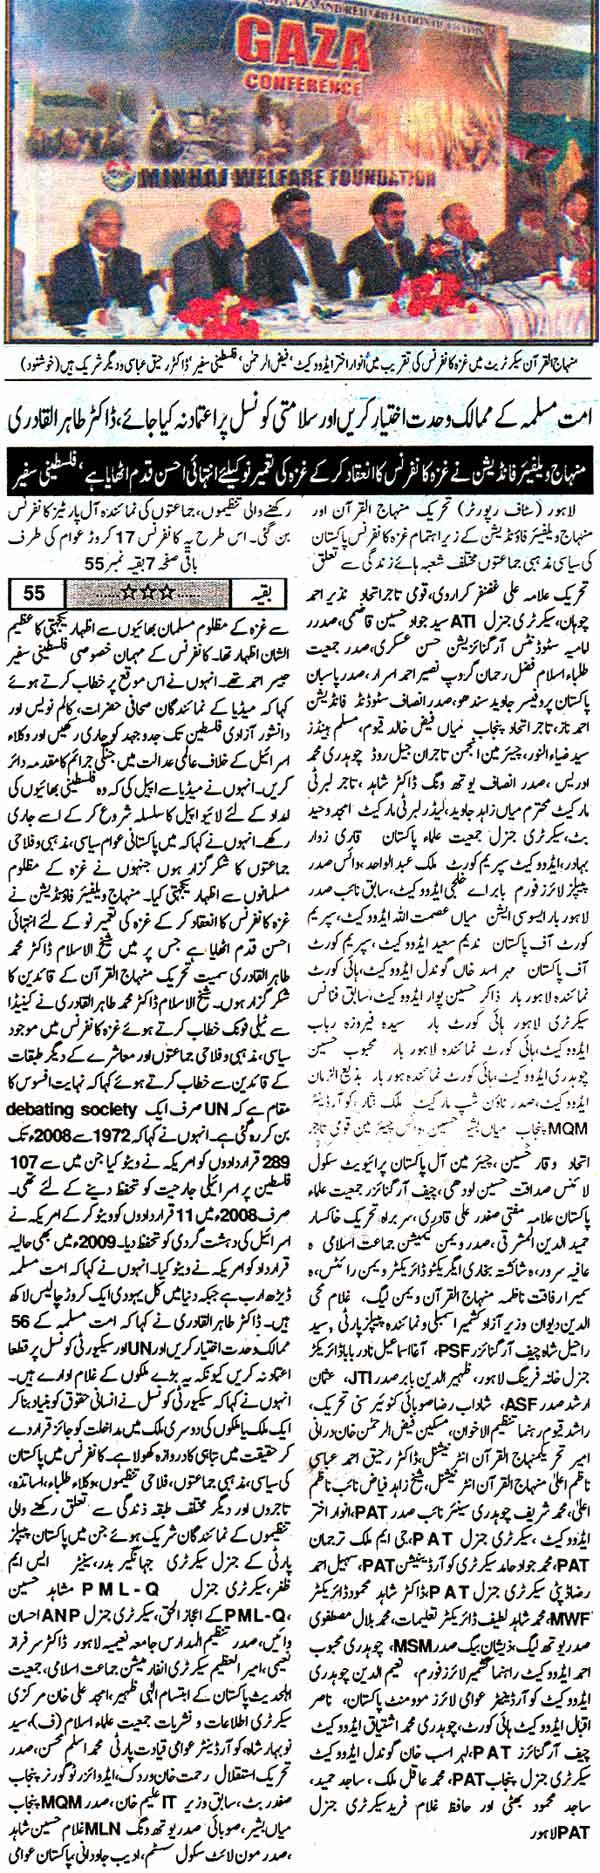 تحریک منہاج القرآن Minhaj-ul-Quran  Print Media Coverage پرنٹ میڈیا کوریج Daily Muasawaat Front Page